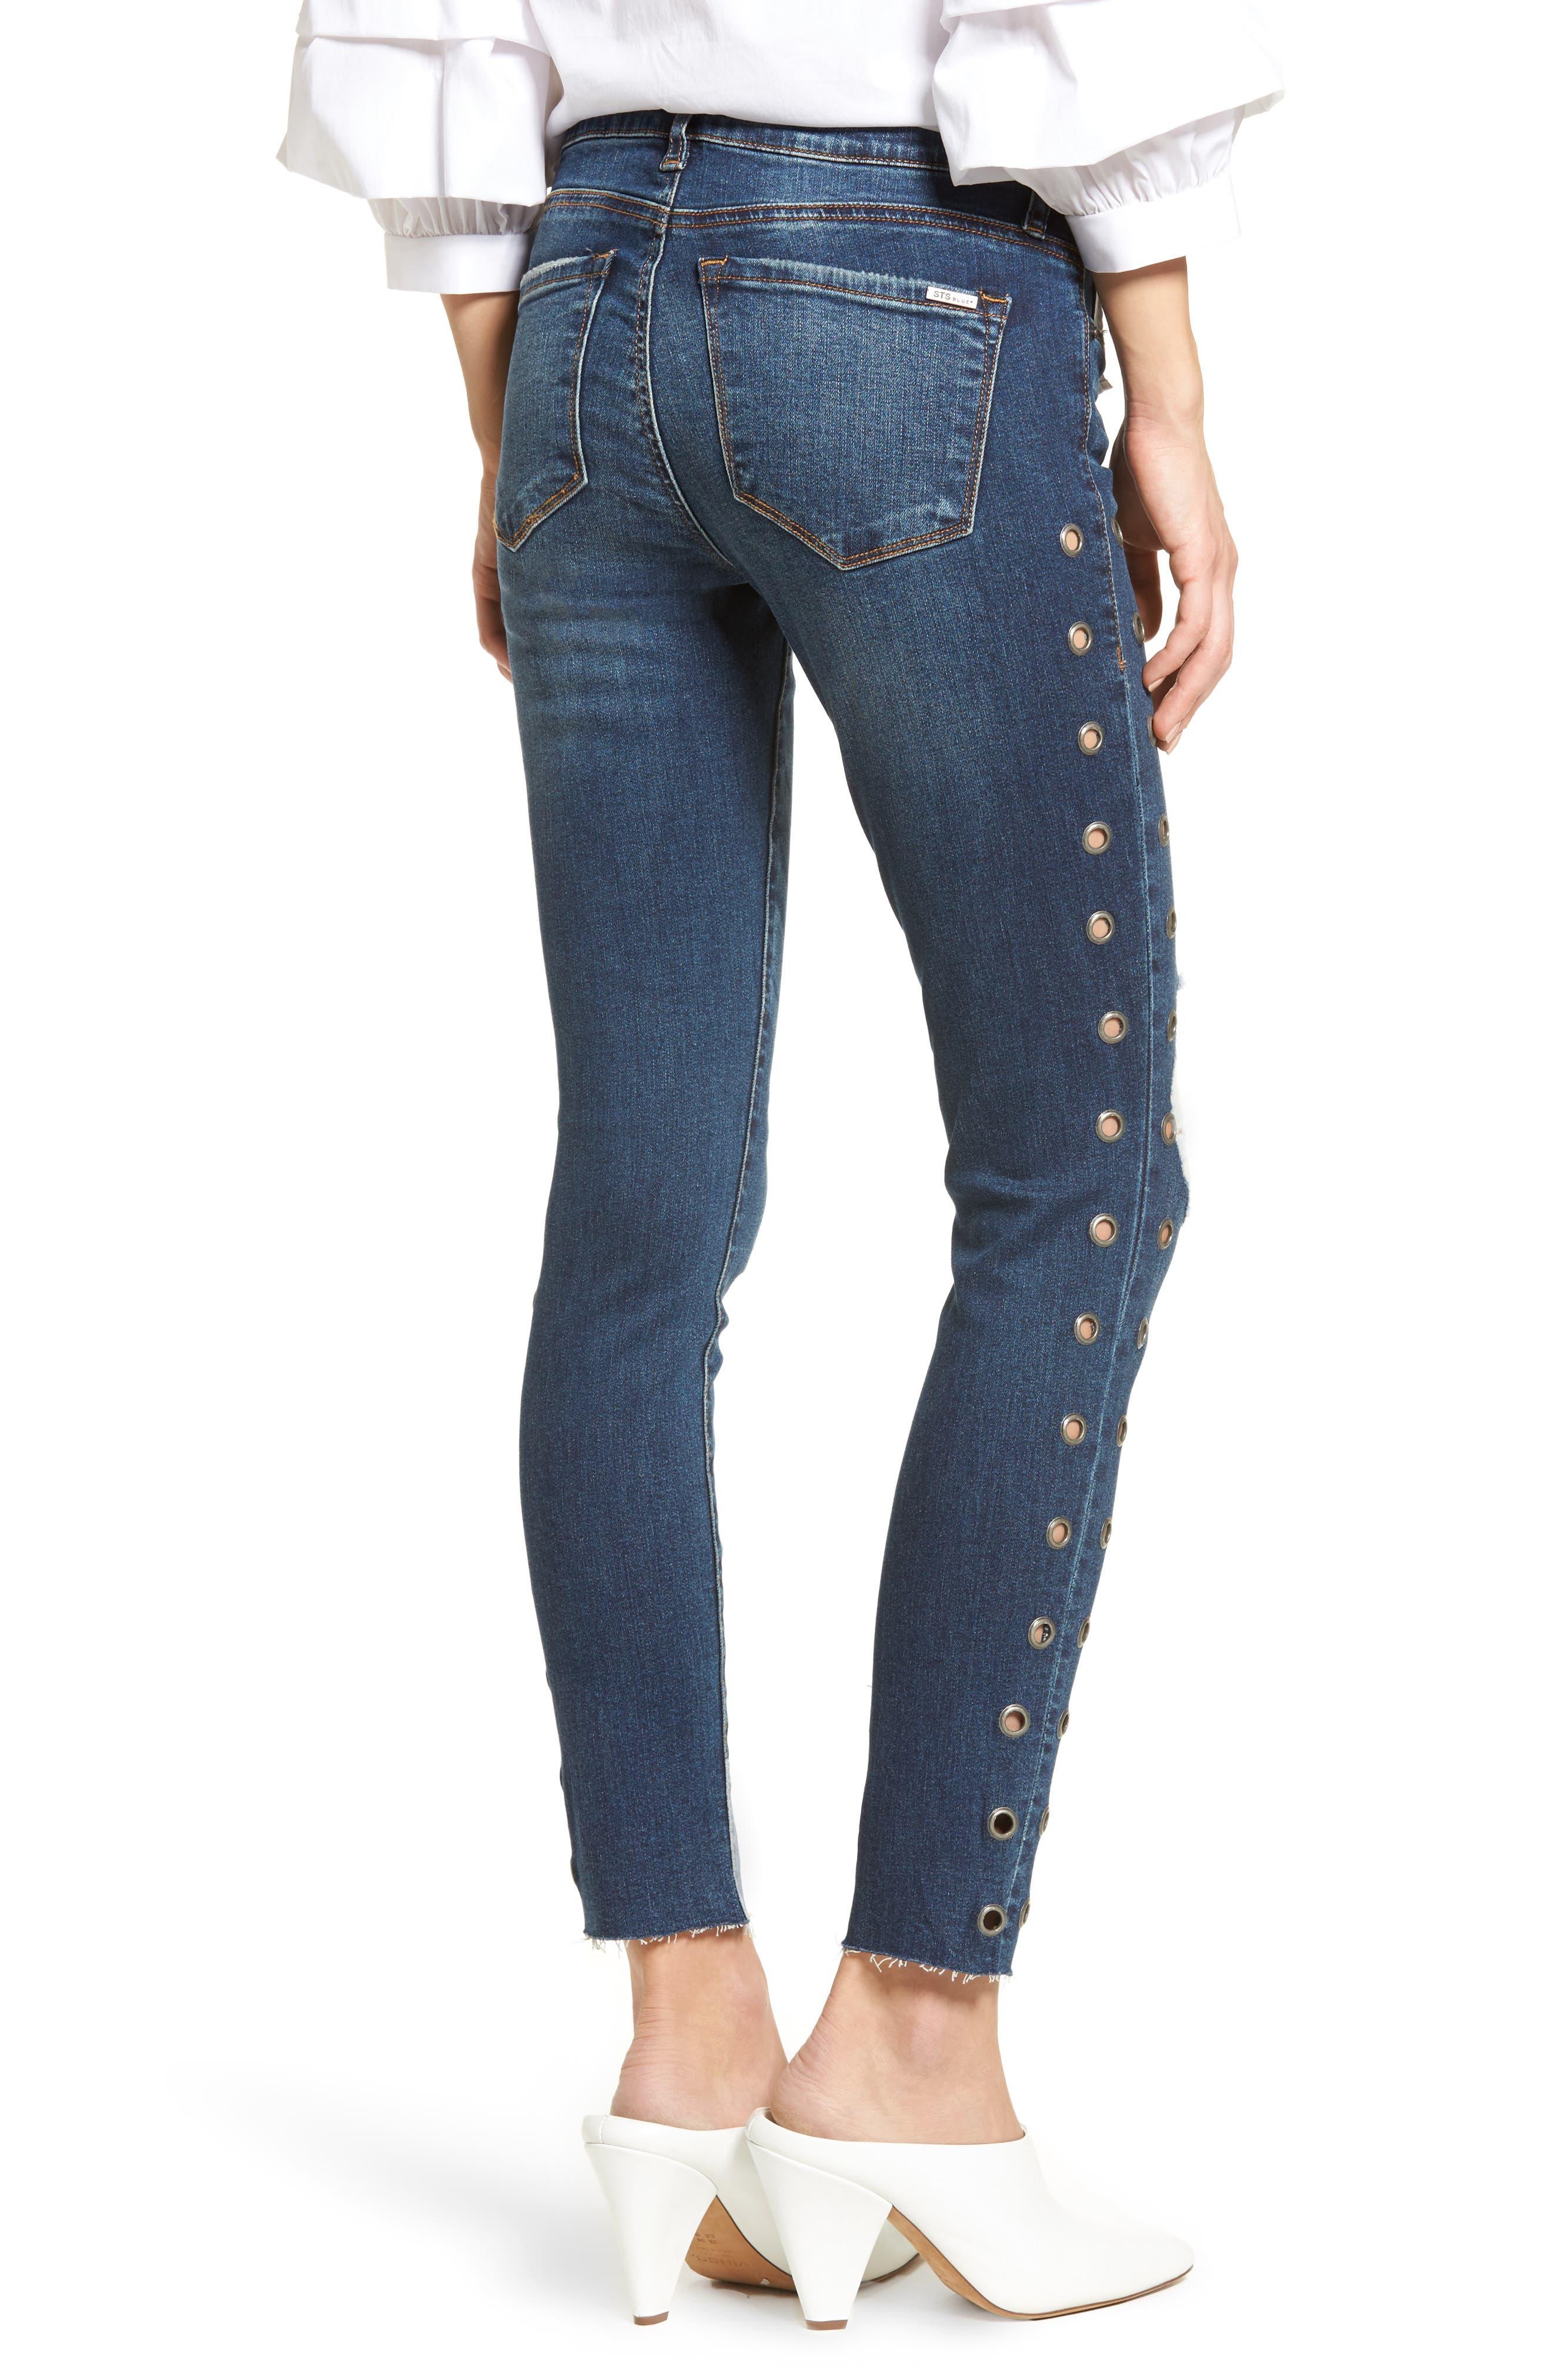 Piper Grommet Detail Skinny Jeans,                             Alternate thumbnail 2, color,